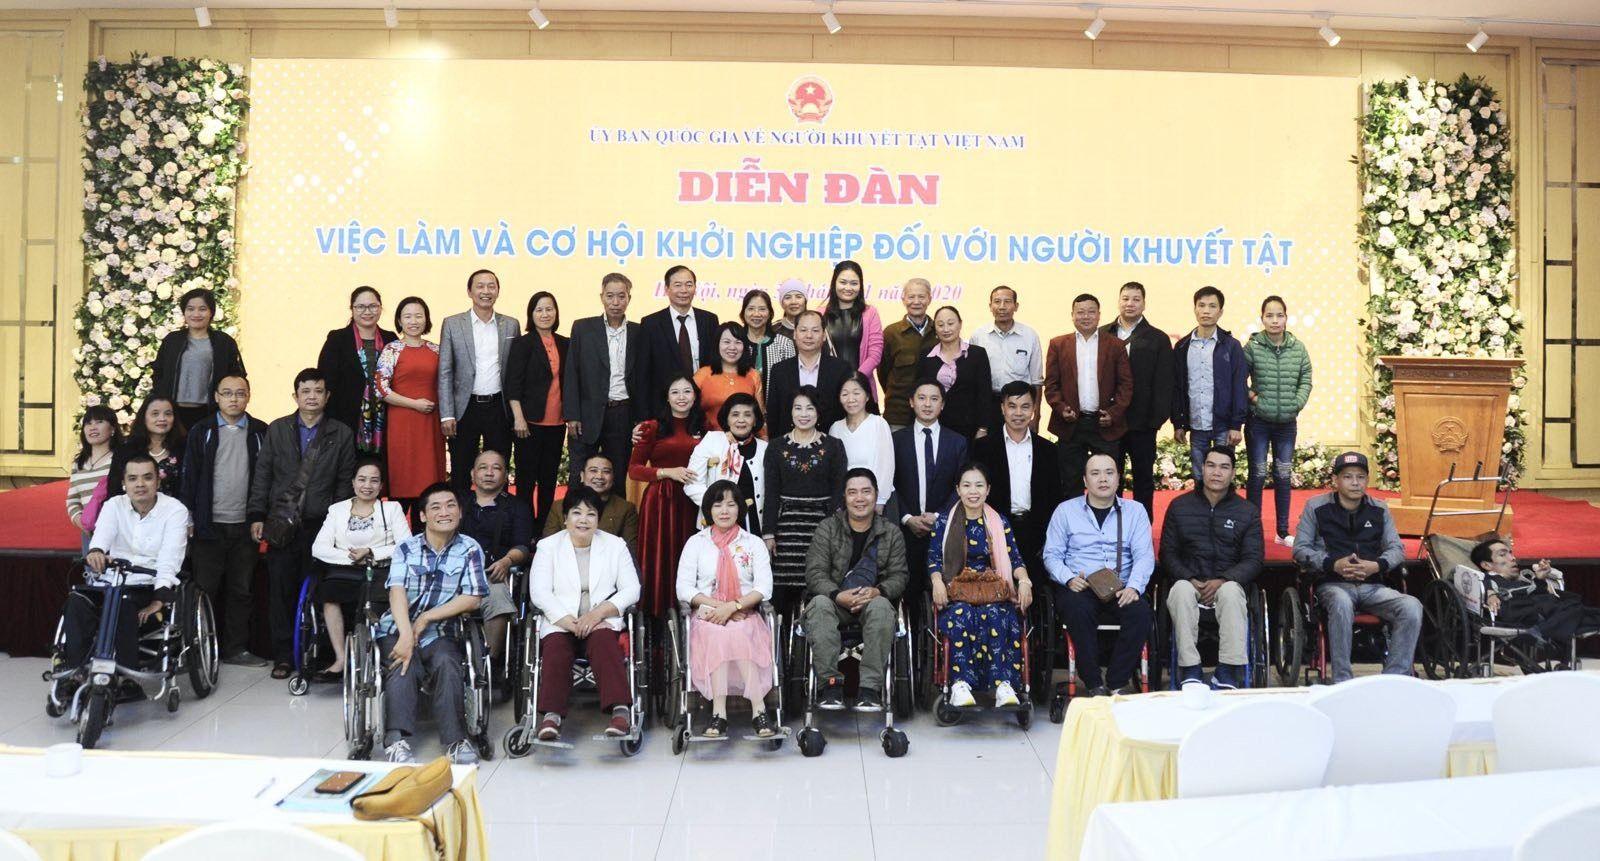 Diễn đàn việc làm và cơ hội khởi nghiệp của người khuyết tật